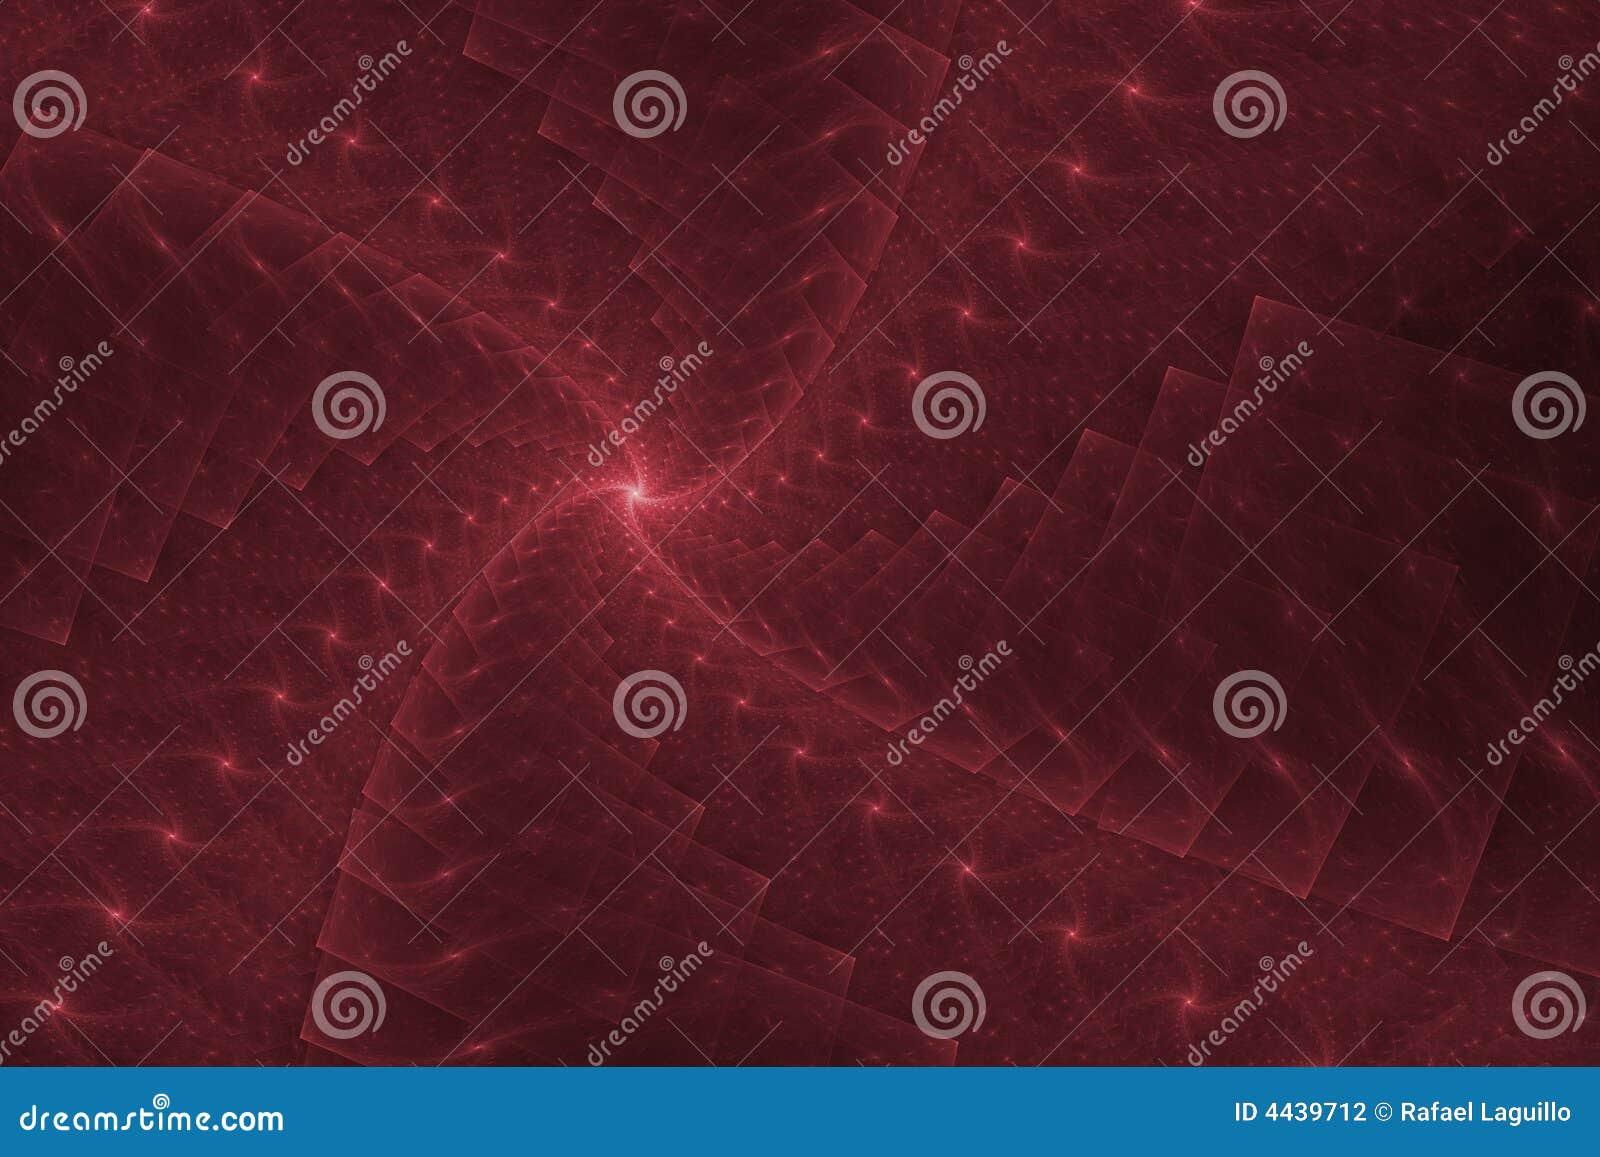 Fractal red design